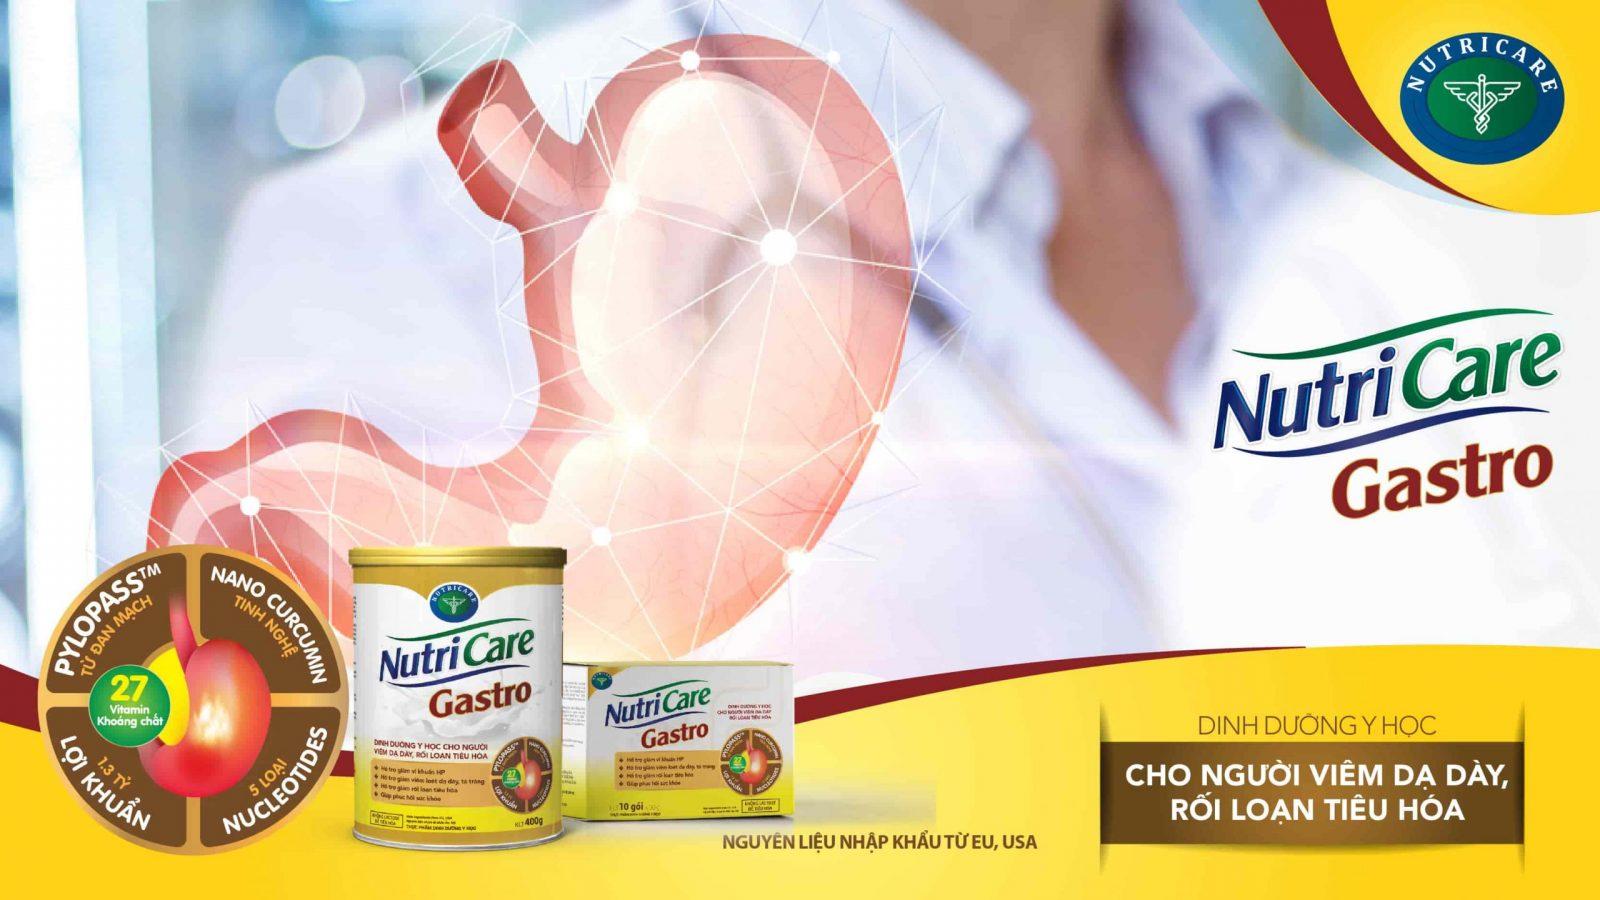 Sữa Nutricare Gastro là sản phẩm dinh dưỡng y học cho người viêm dạ dày, rối loạn tiêu hóa với dưỡng chất Pylopass và Tinh nghệ curcumin giúp bảo vệ dạ dày toàn diện.